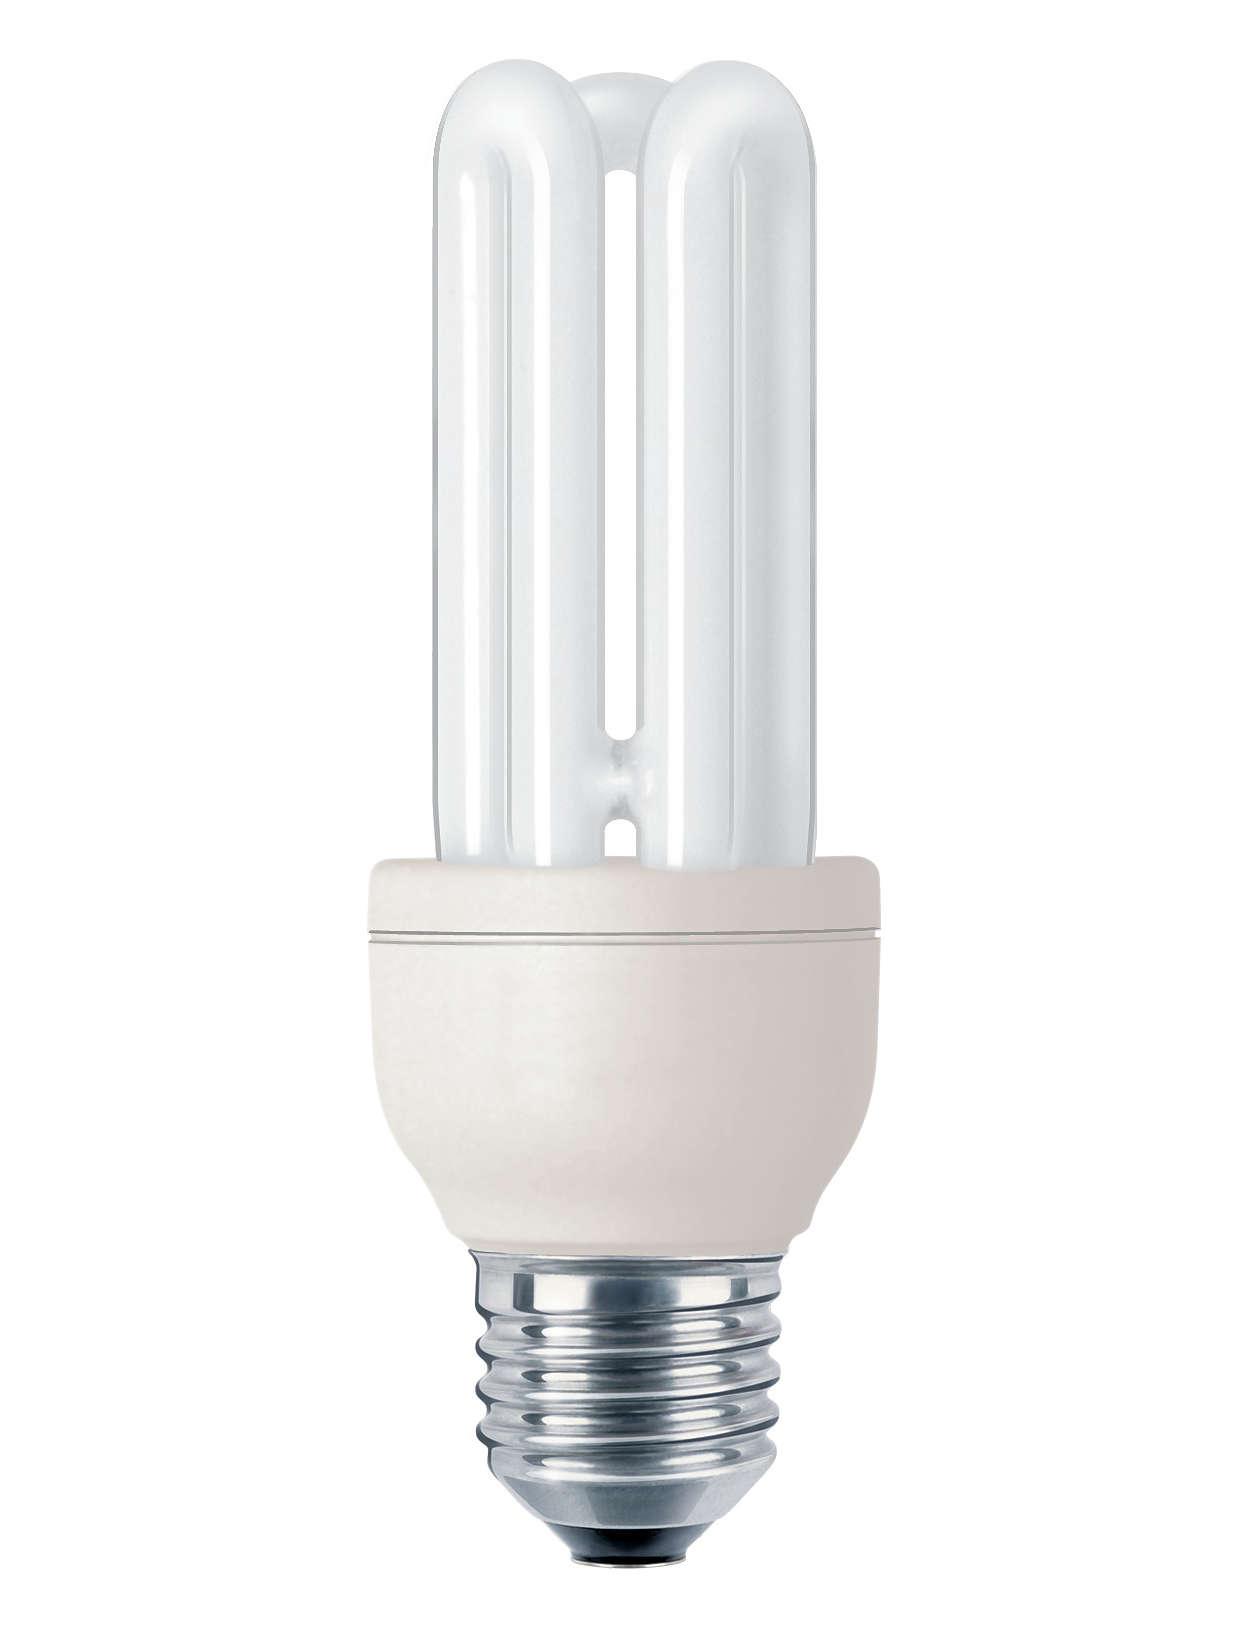 Lampadina compatta a risparmio energetico per professionisti